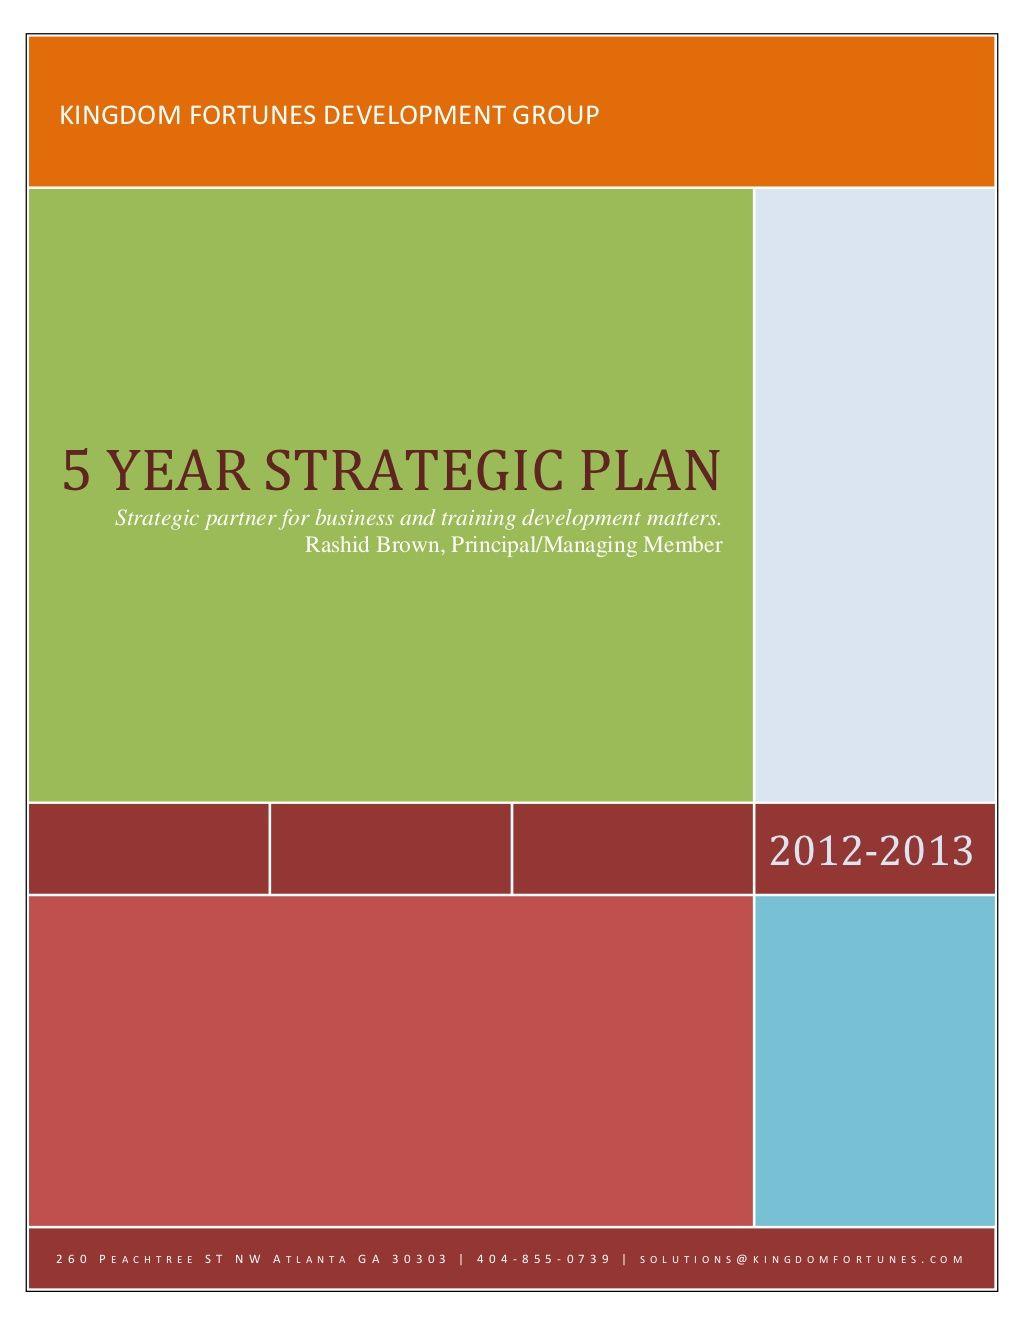 kfdgstrategicplan by RASHID Brown via Slideshare